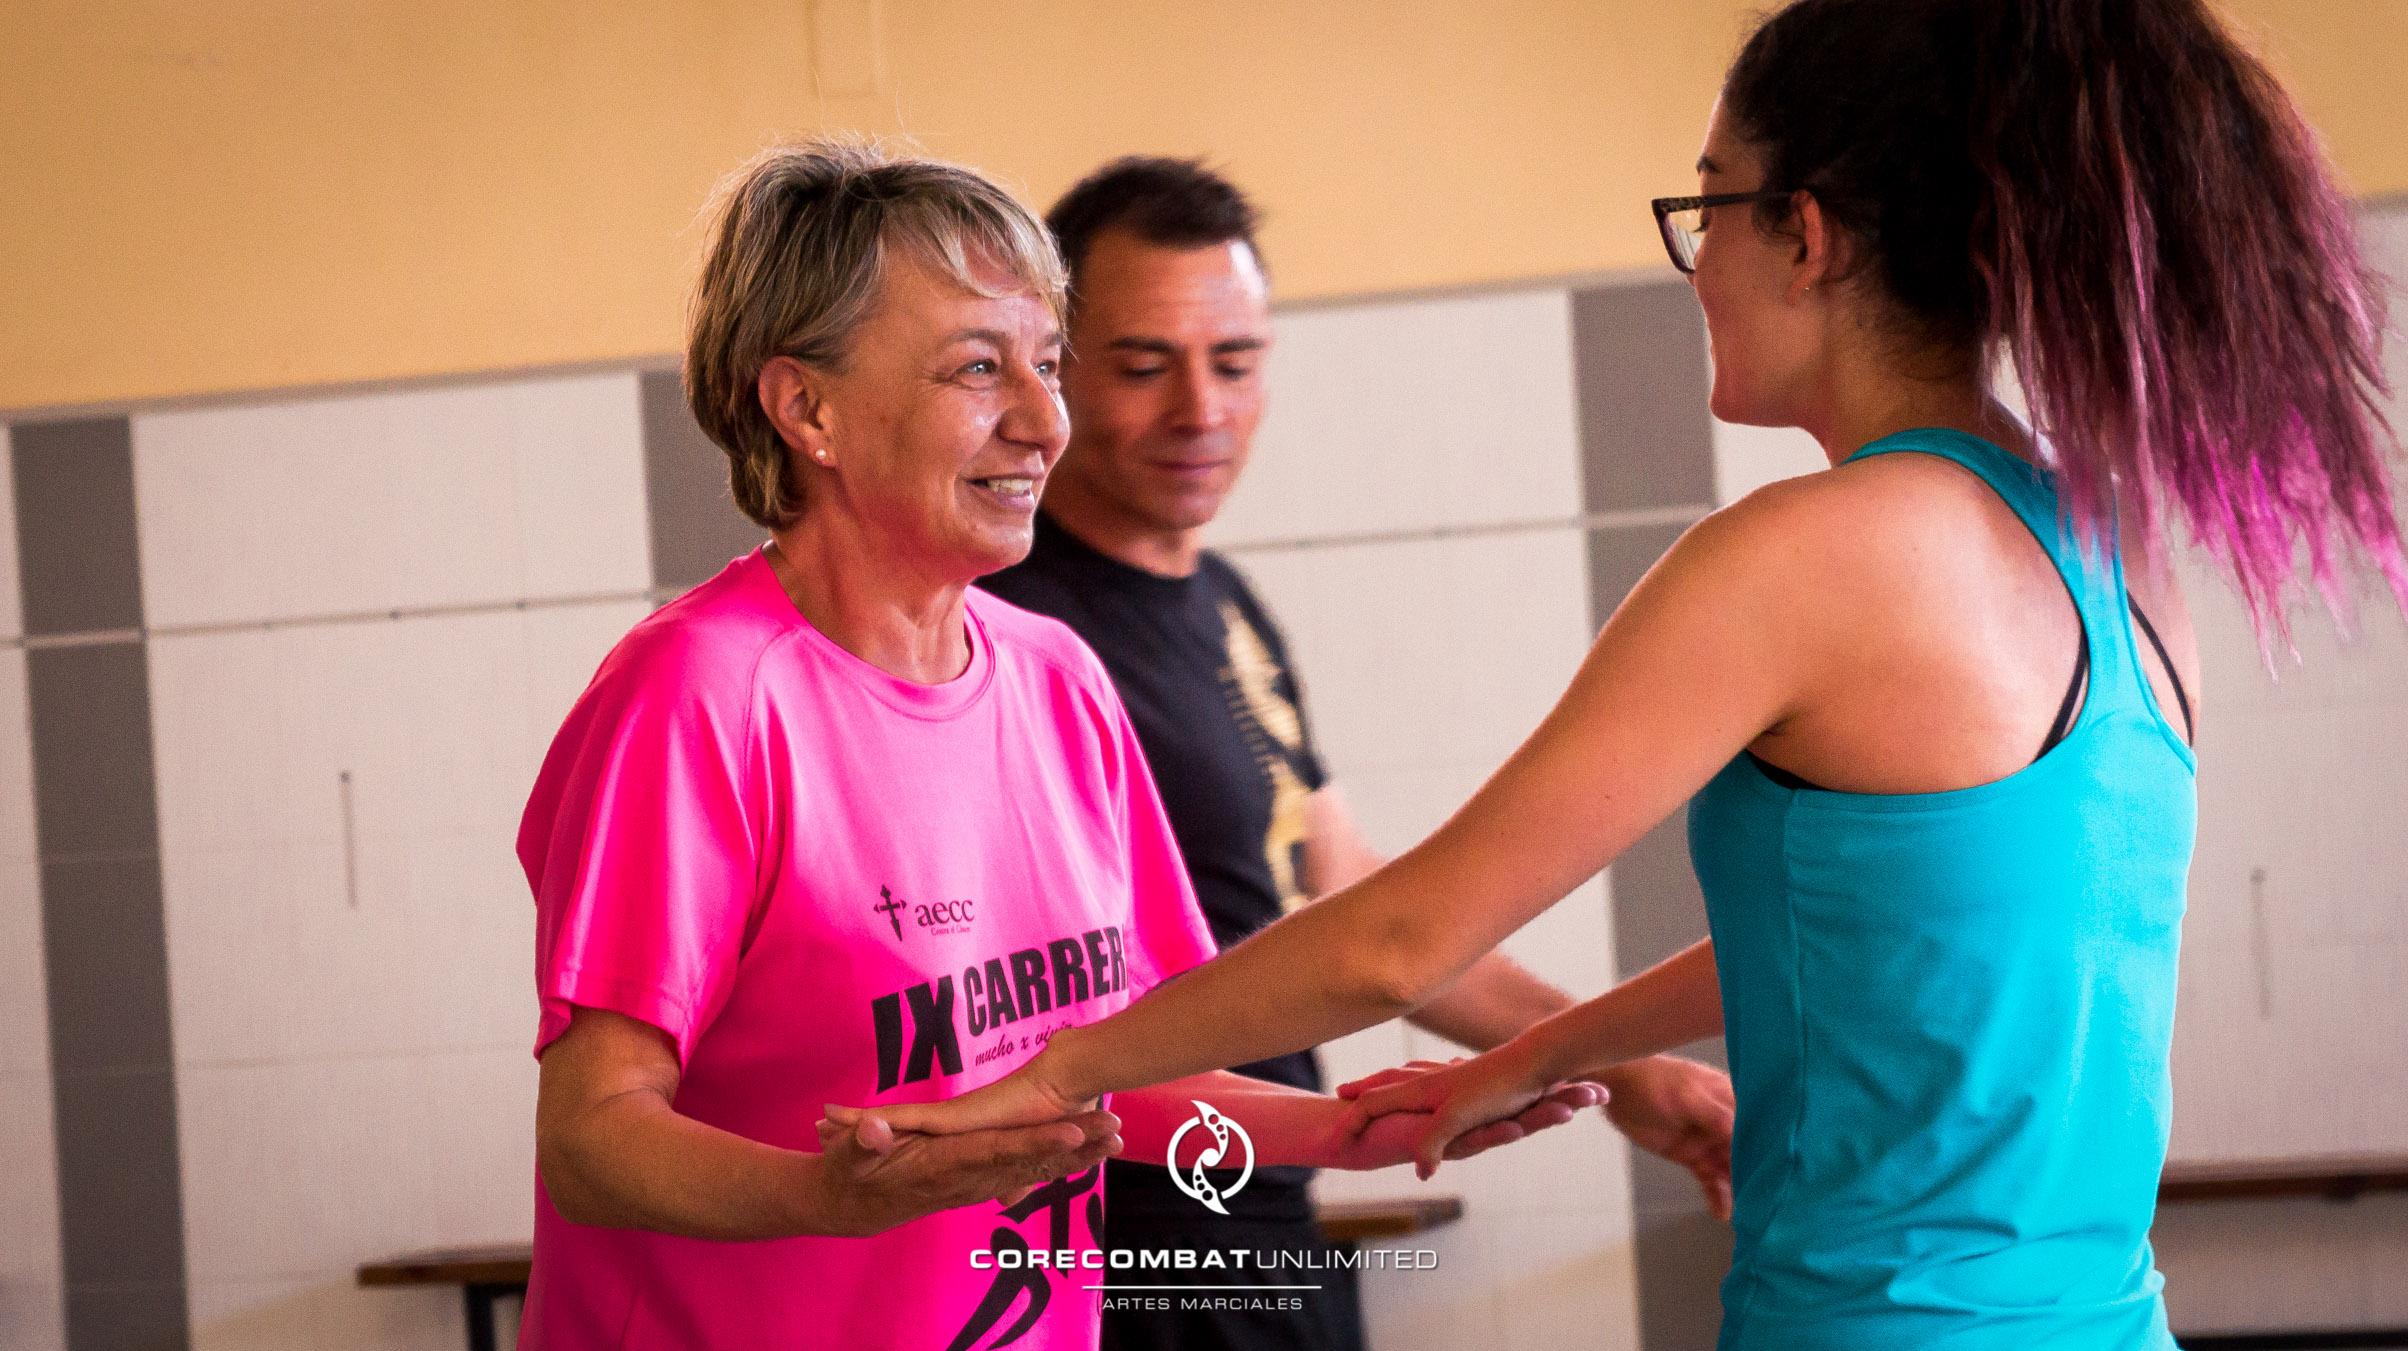 curso-defensa-personal-para-mujeres-zamora-coreses-artes-marciales-zamora-core-combat-salamanca-valladolid-leon-madrid-02